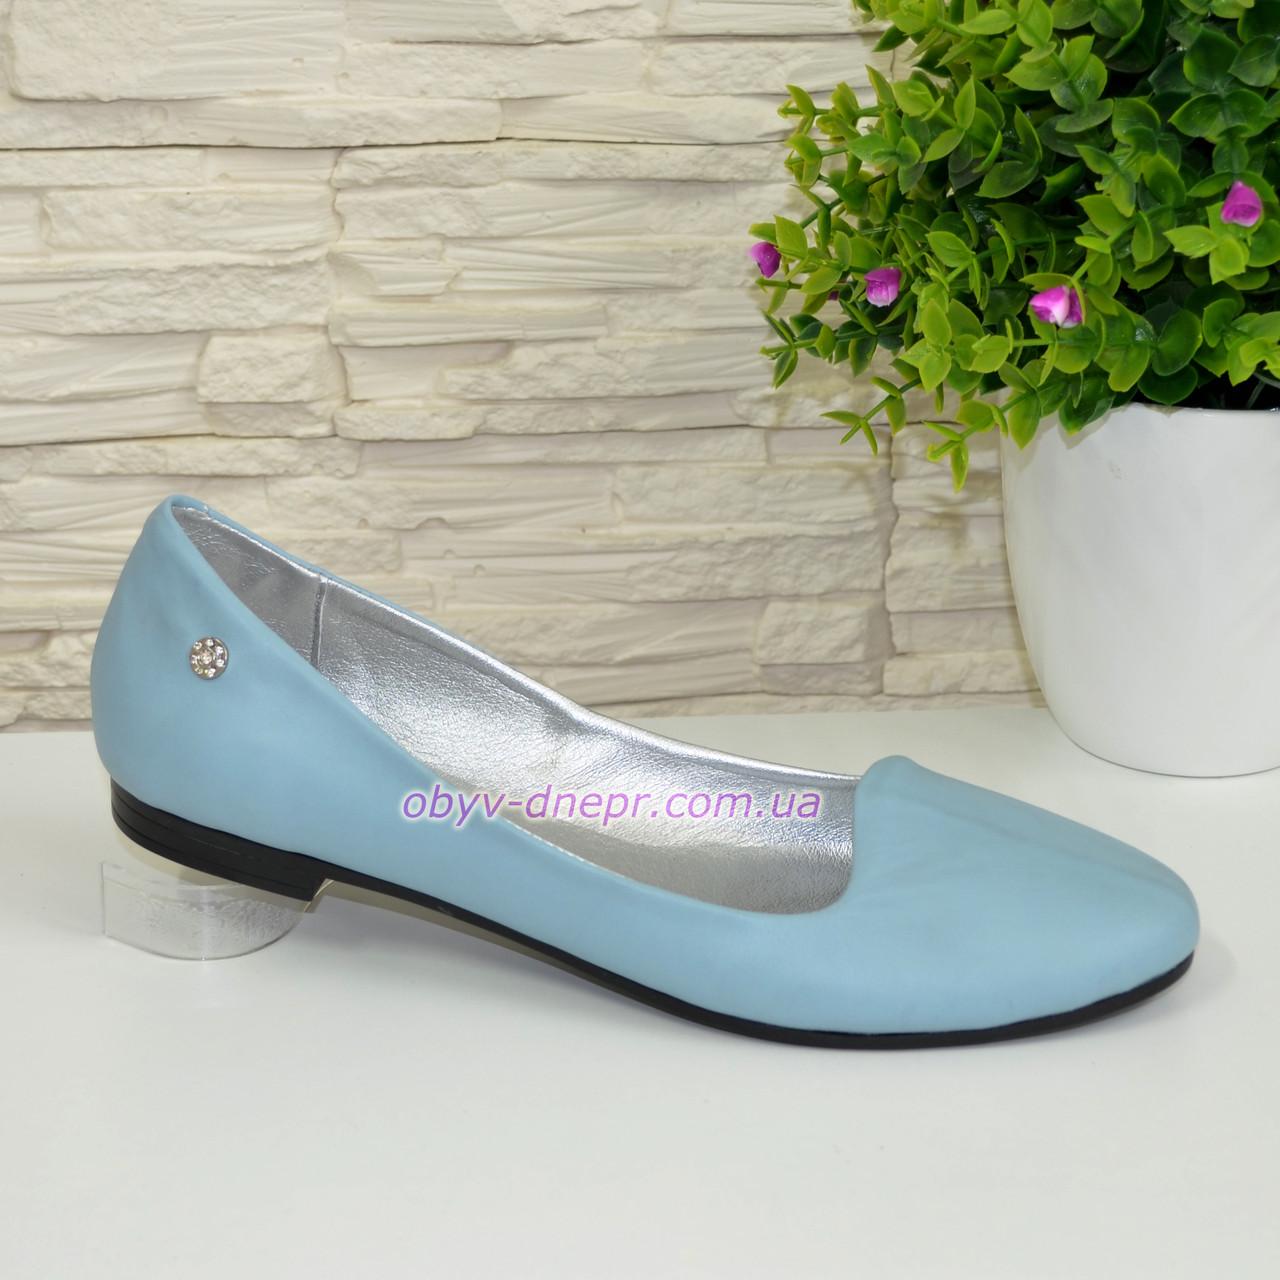 Женские кожаные балетки, цвет голубой, декорированы фурнитурой